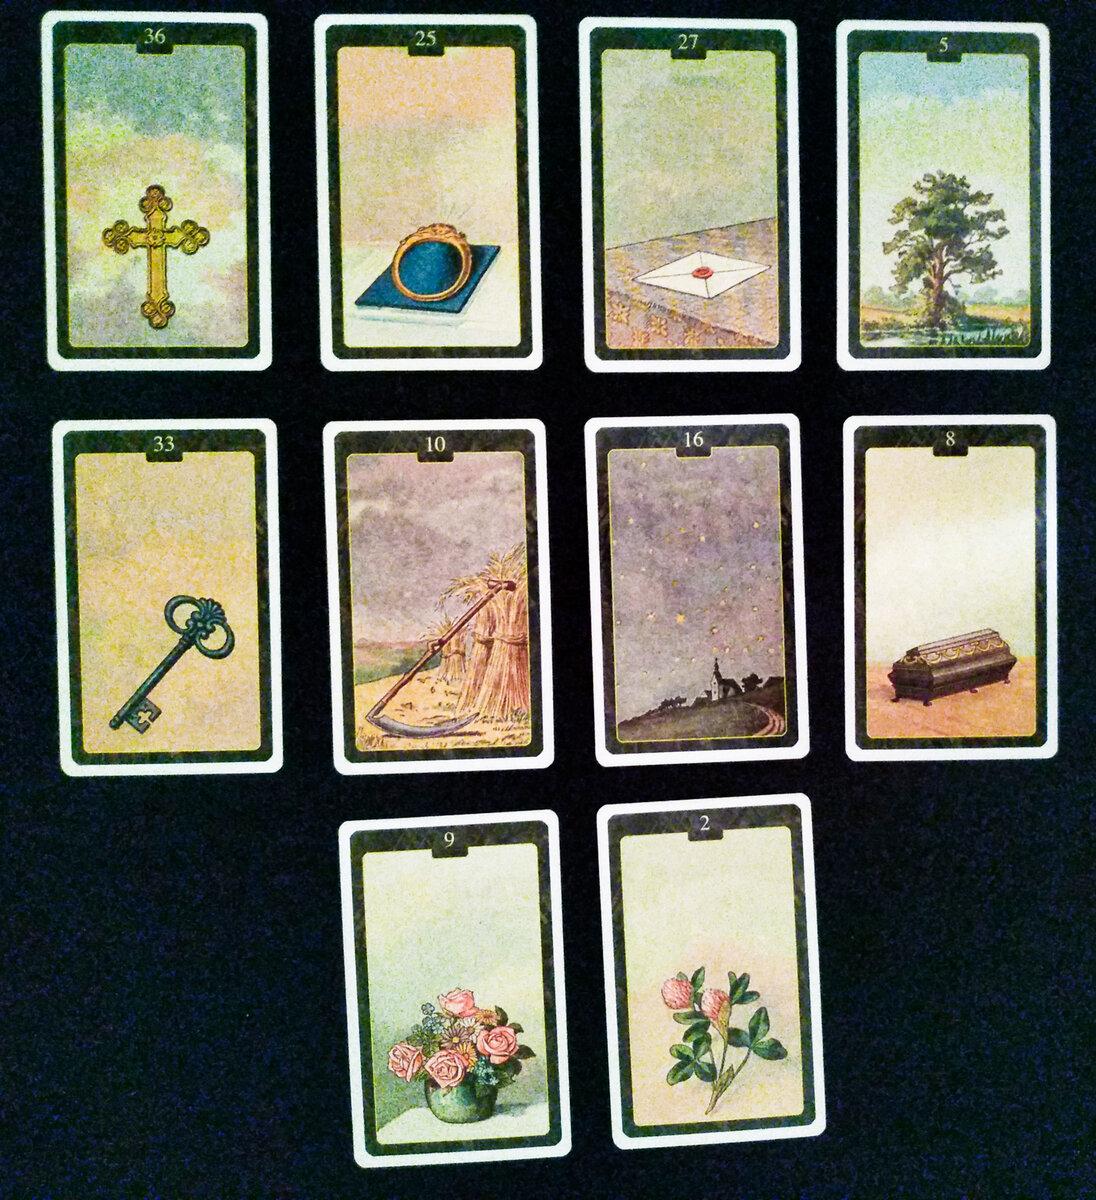 Гадание на картах ленорман: предсказание на будущее, расклады на отношения и любовь